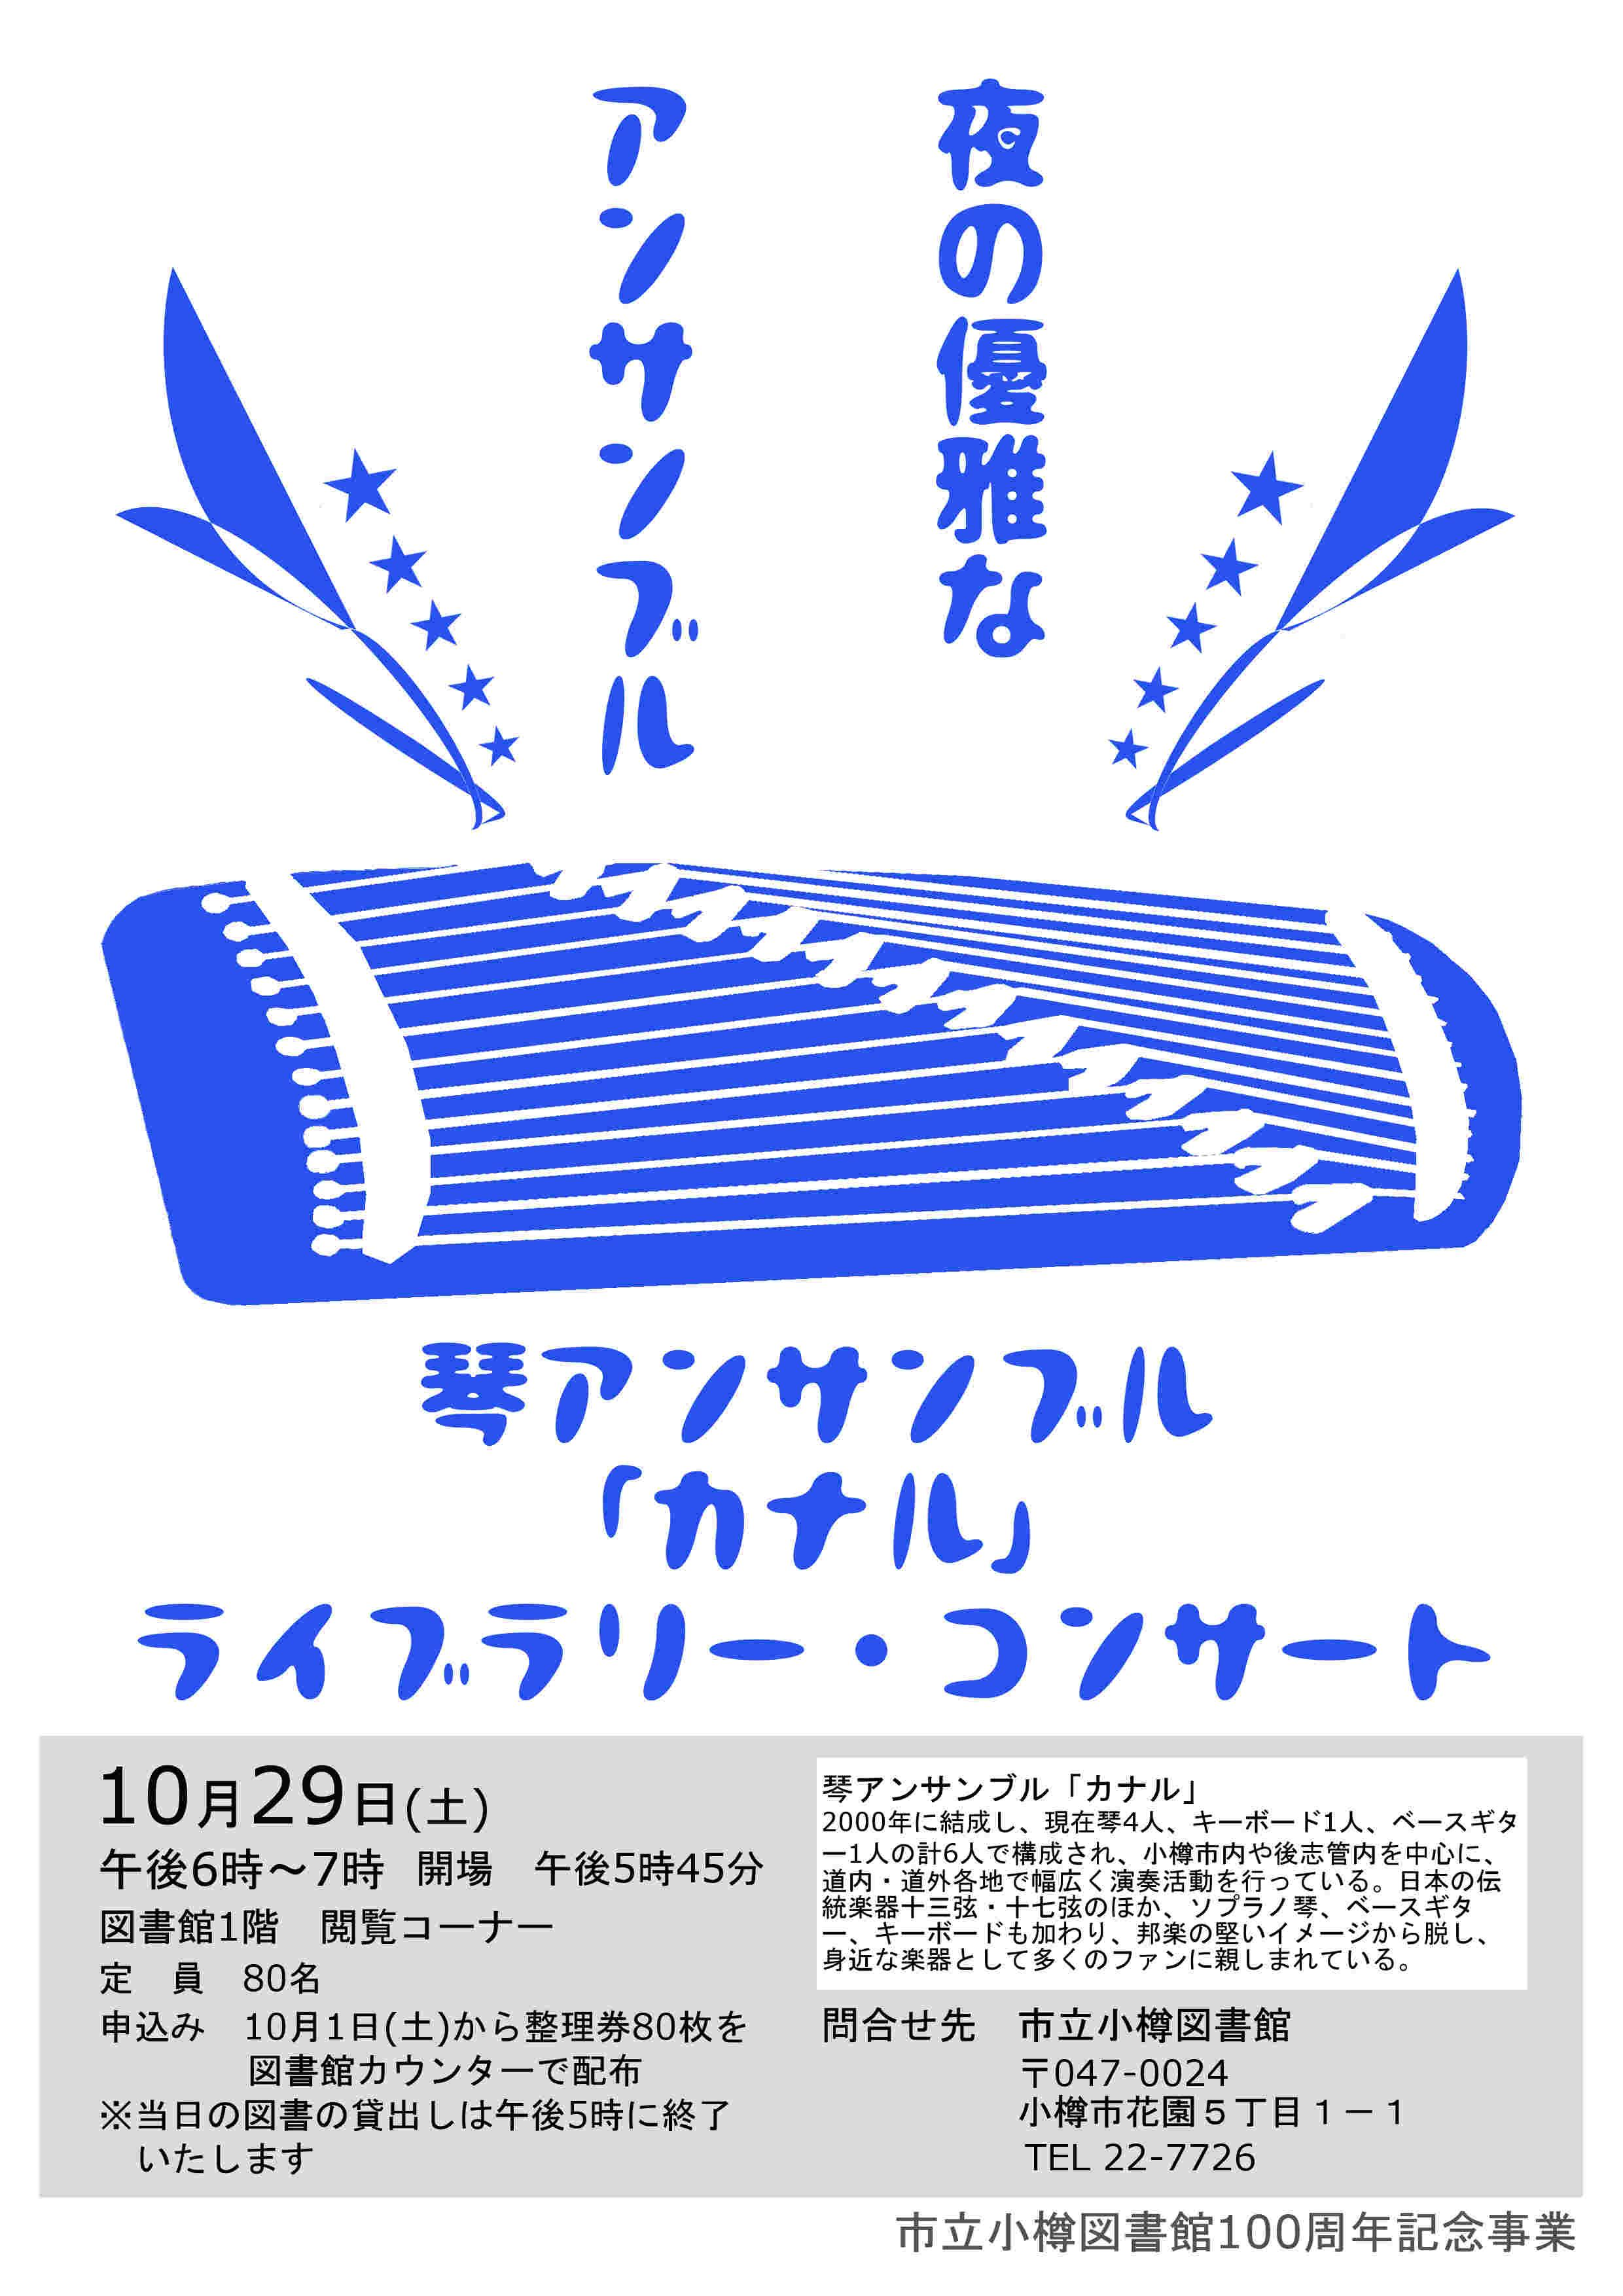 カナルコンサートチラシ リーフレット デザイン イベント リーフレット